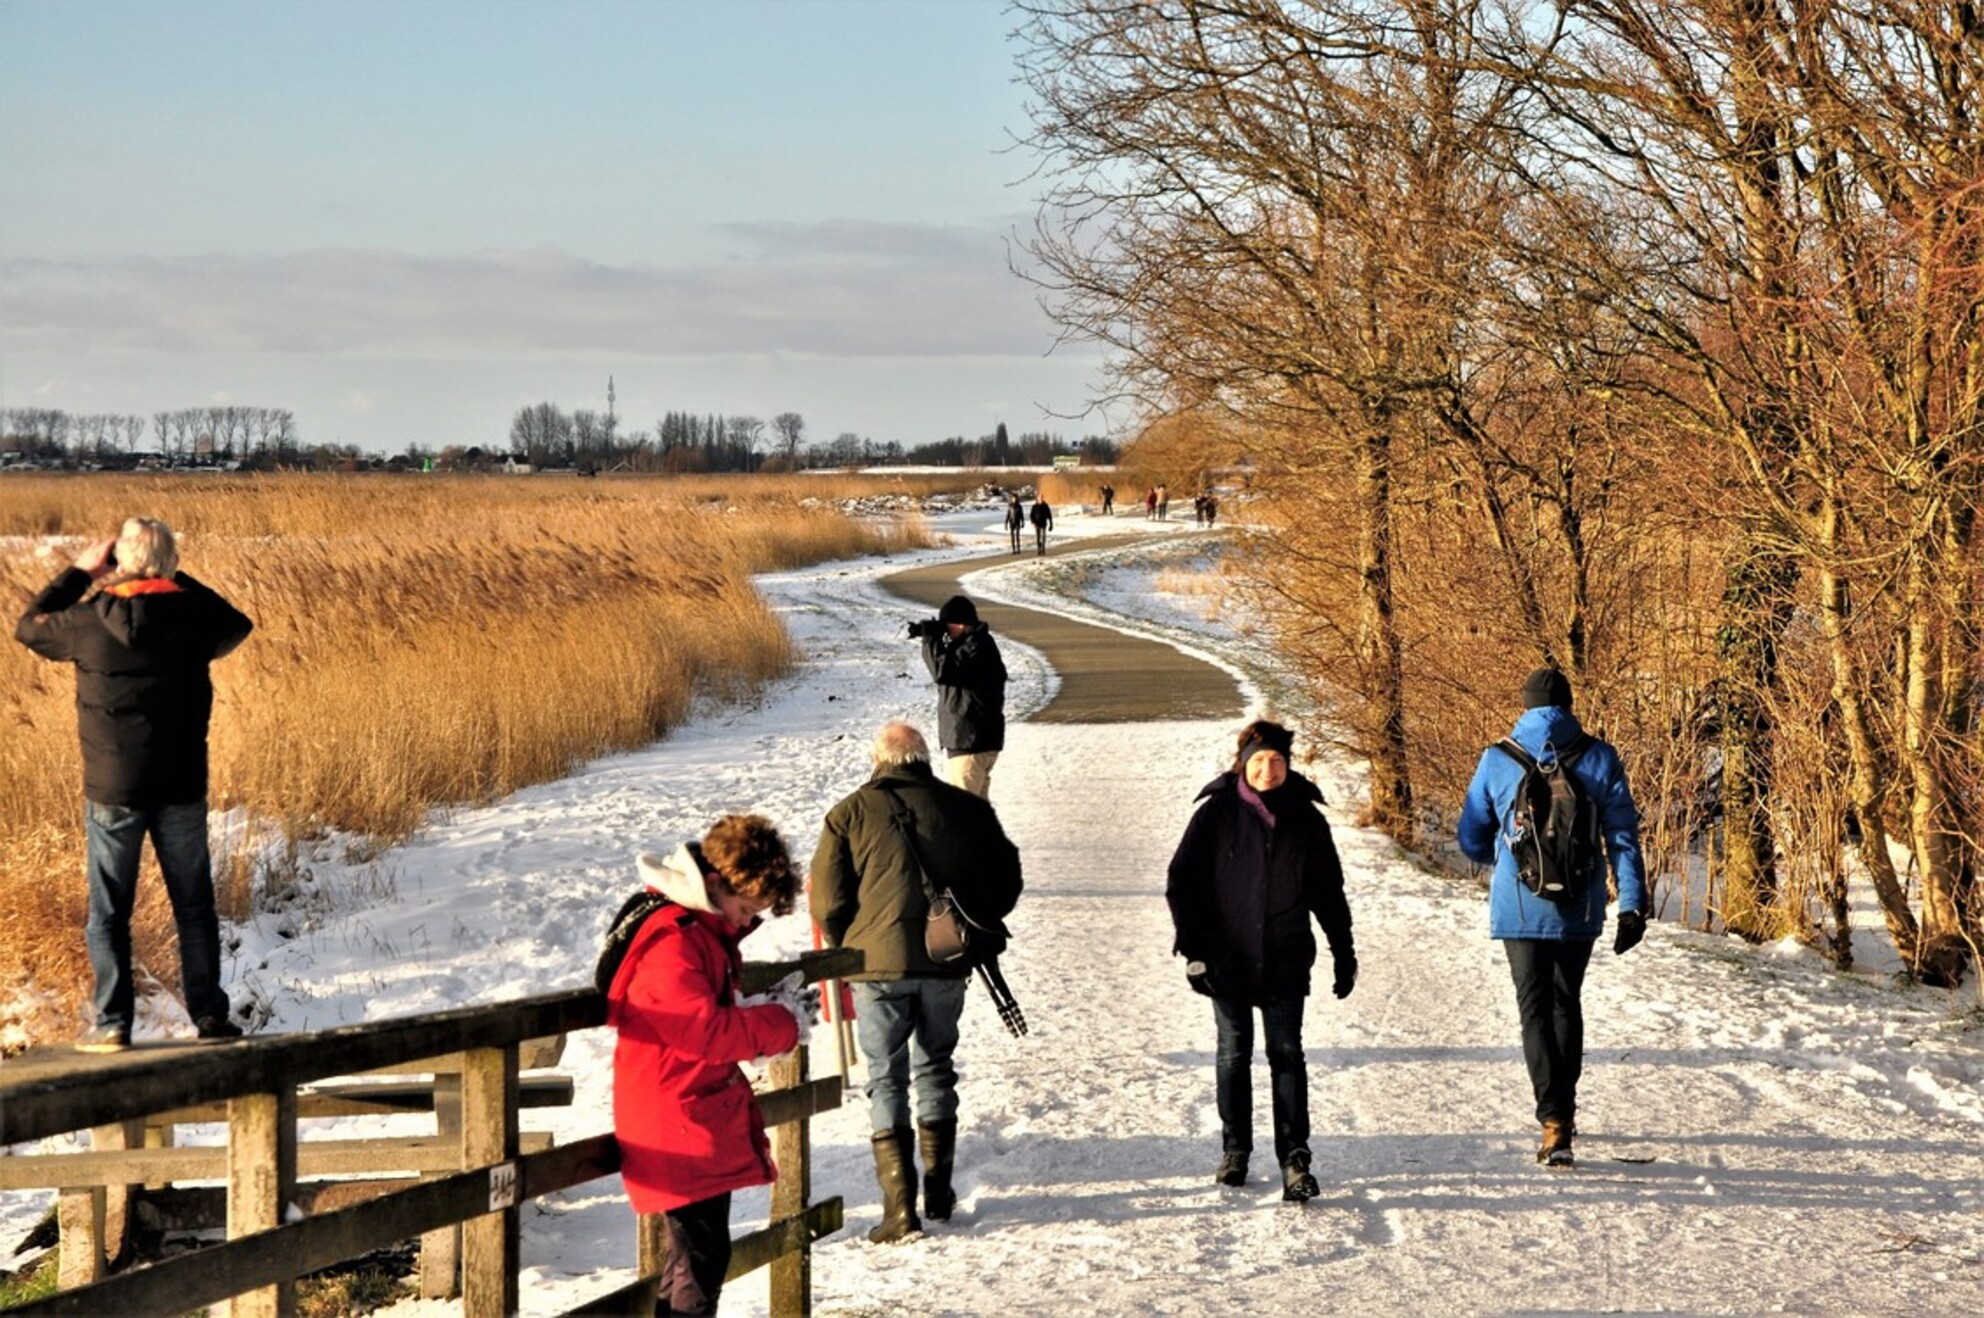 Het laatste.... - Het laatste van een eerste winterperiode... Helaas te kort. - foto door 1103 op 23-02-2021 - deze foto bevat: zon, water, lente, natuur, winter, landschap, bomen, polder